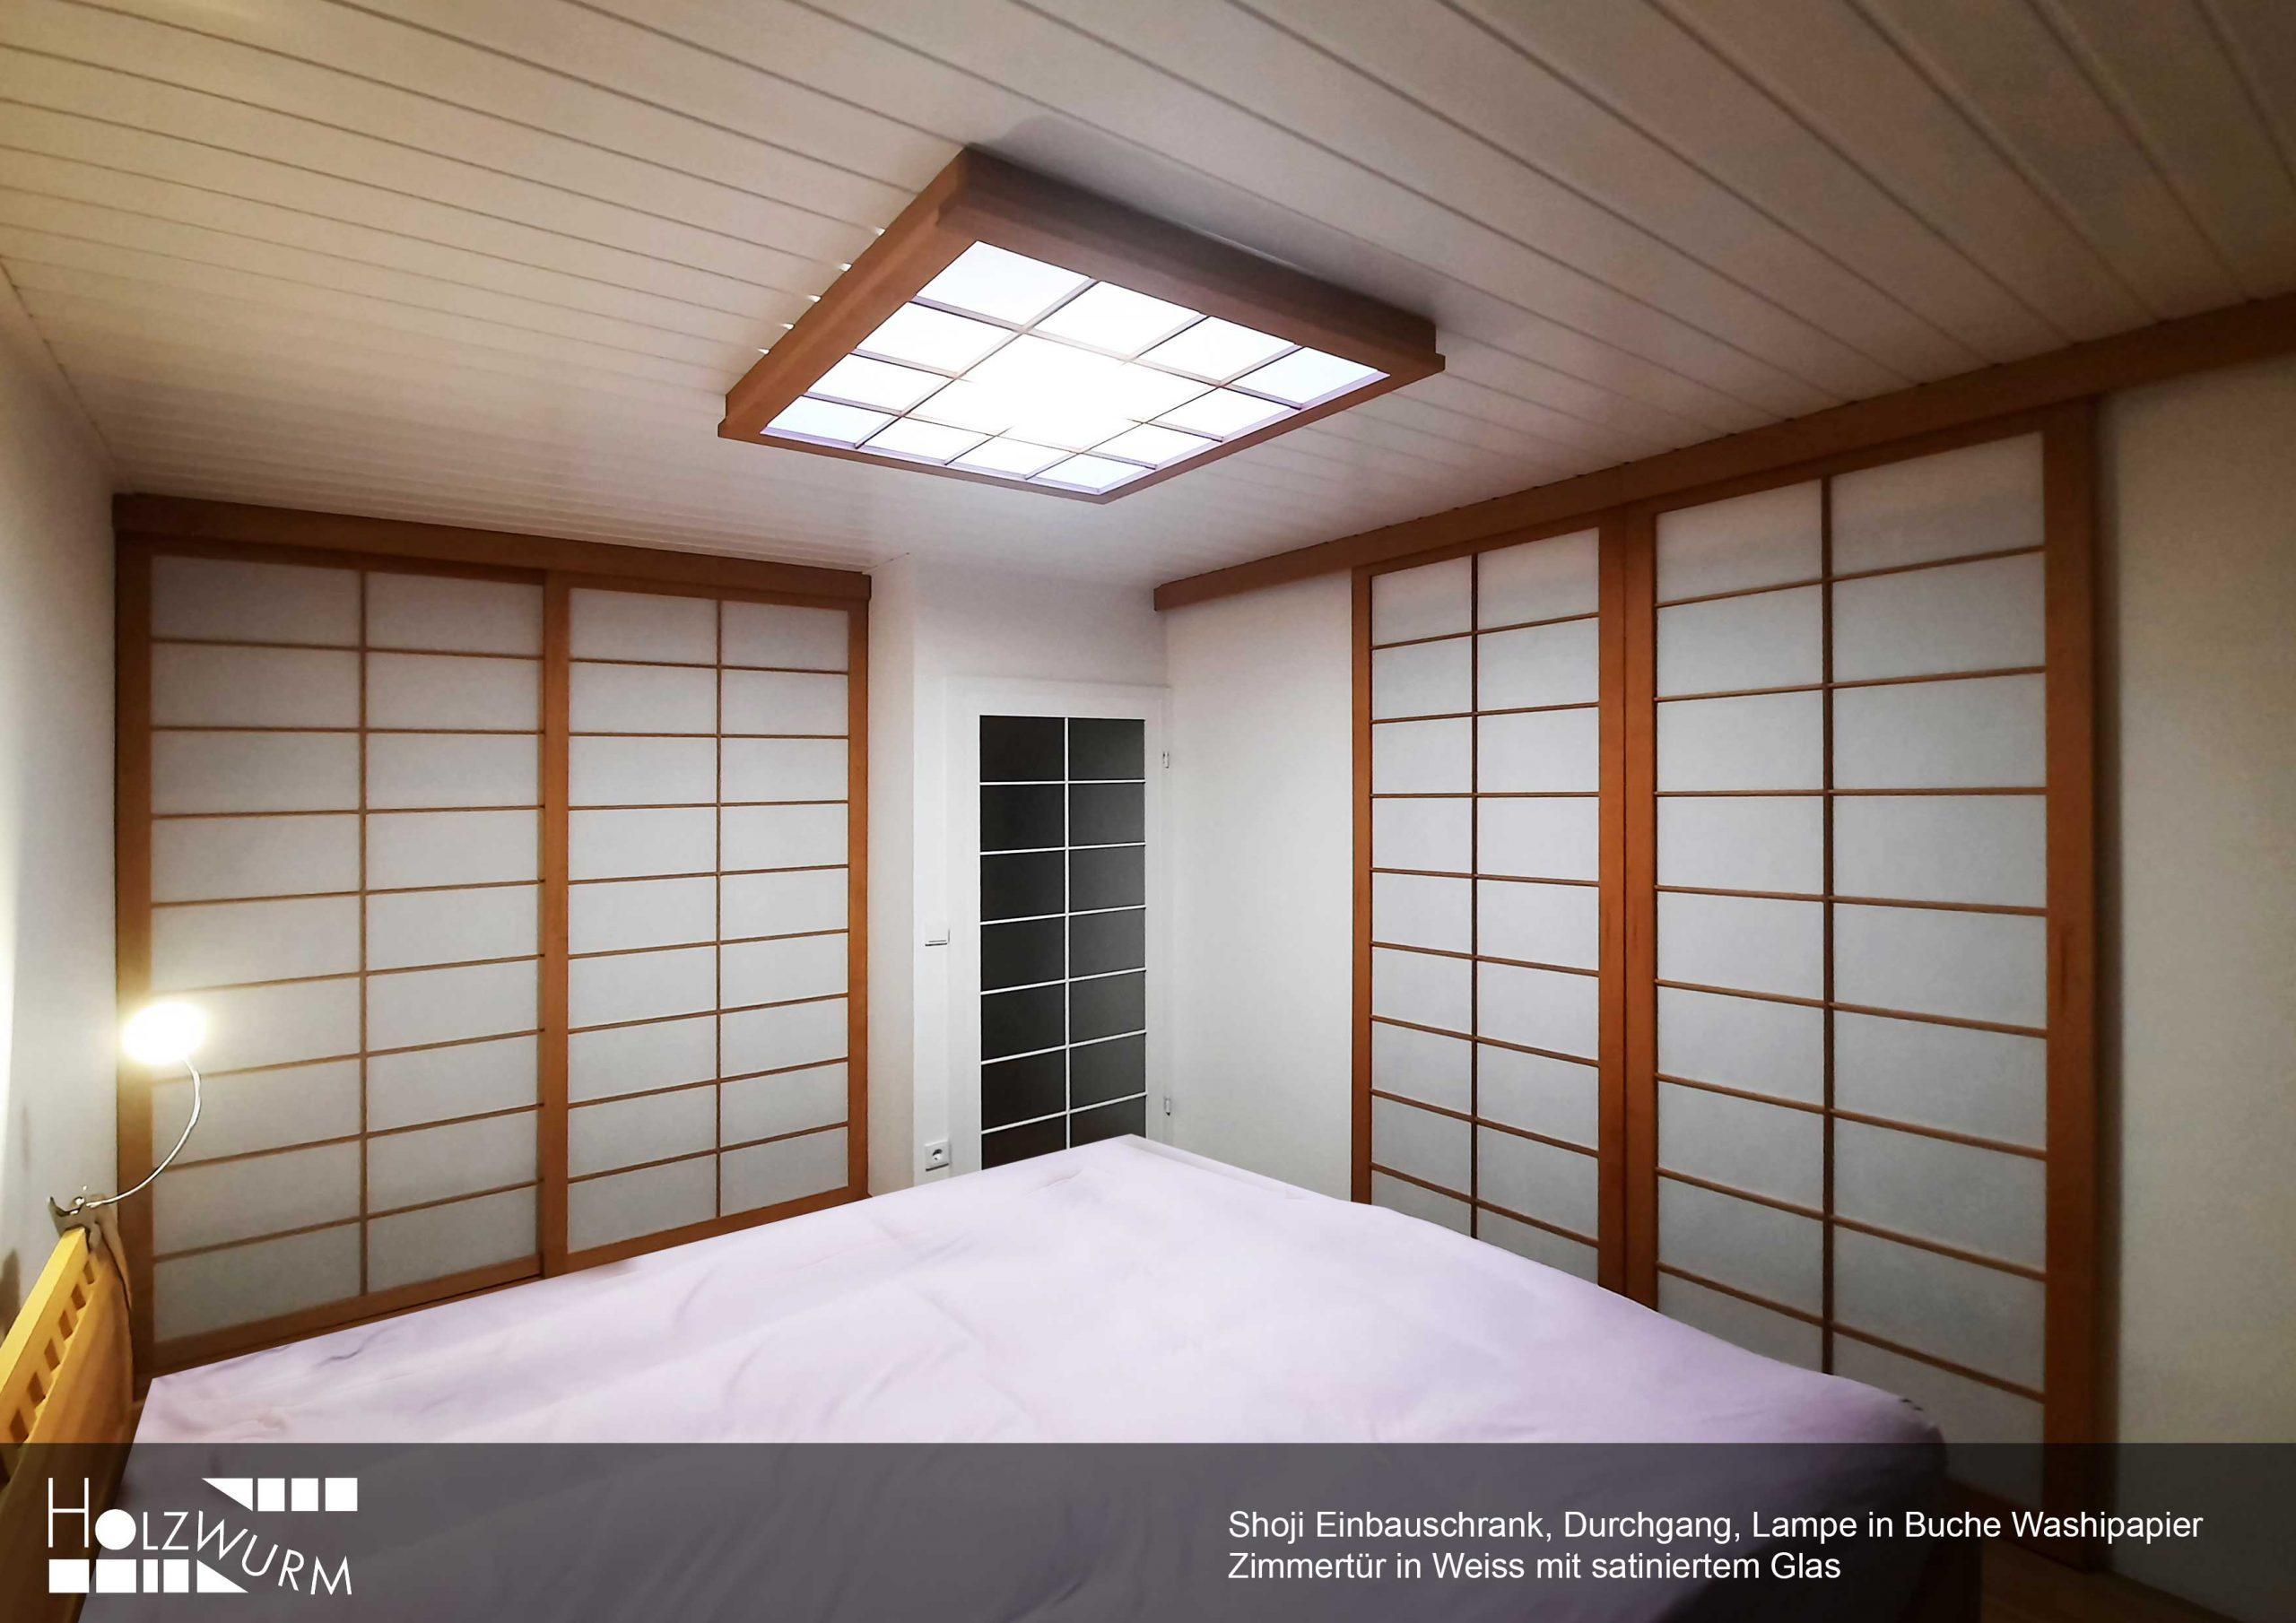 Schlafzimmer mit Shoji Türen in Buche geölt und Washipapier. Einbauschrank, Durchgang und Lichtelement.